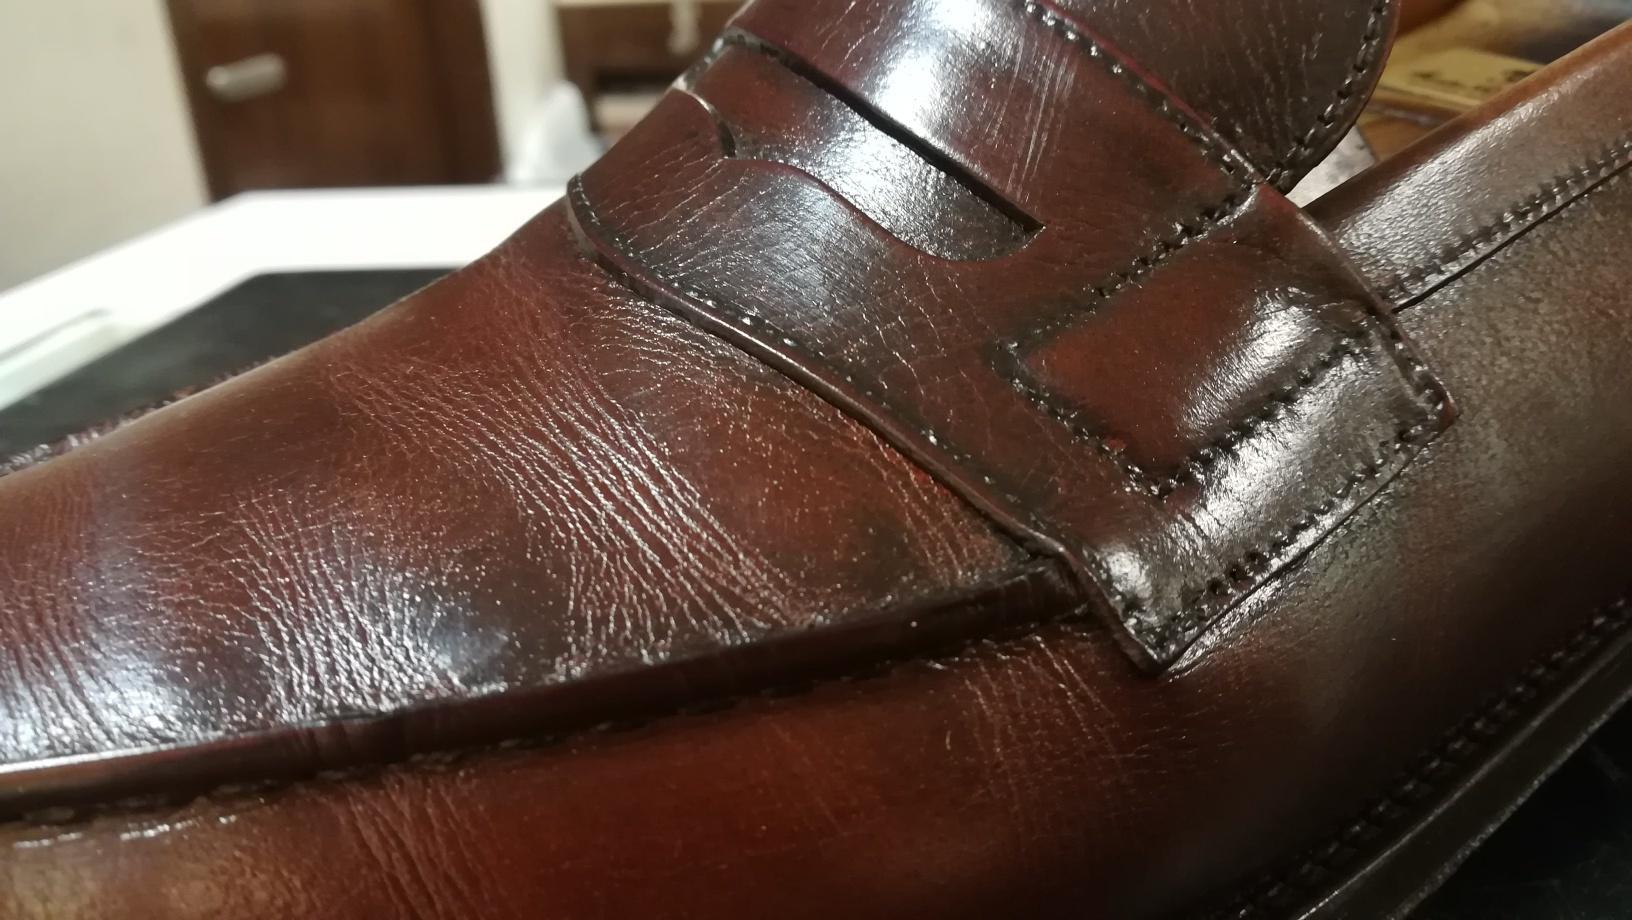 重なった靴クリームをリフレッシュ②_d0166598_11532894.jpg